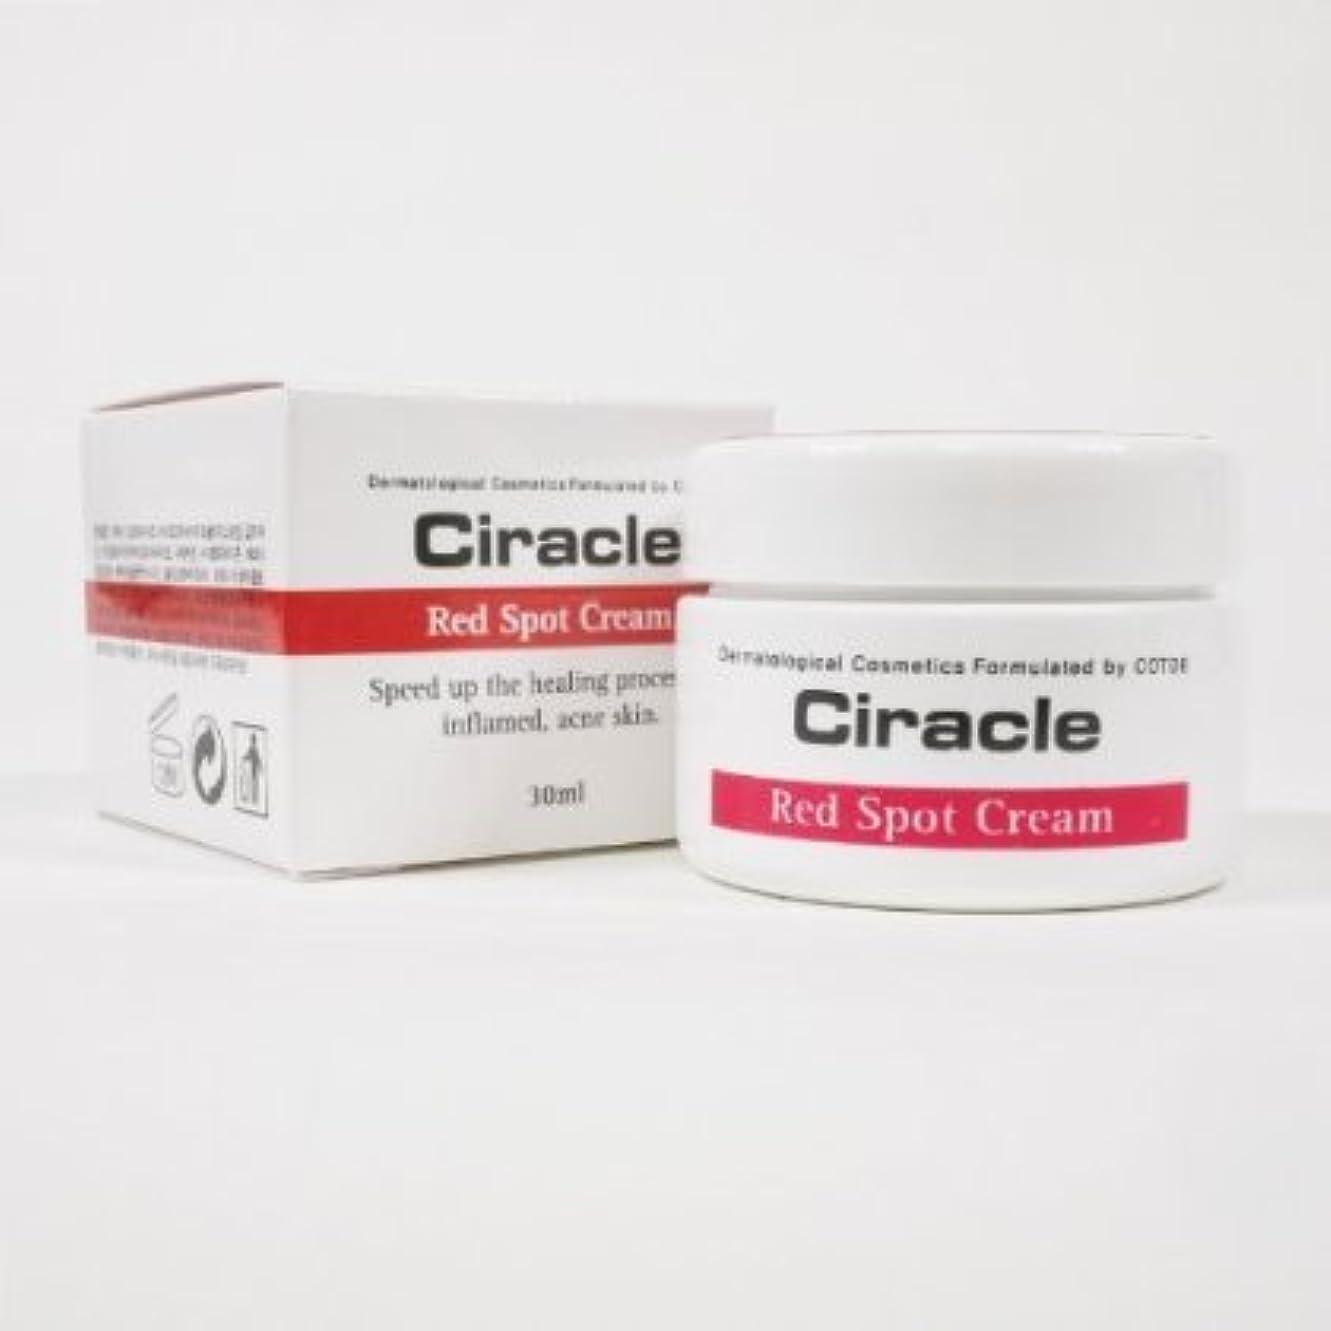 画像殺す副詞Ciracle レッド スポット クリーム /Red Spot Cream (30ml )